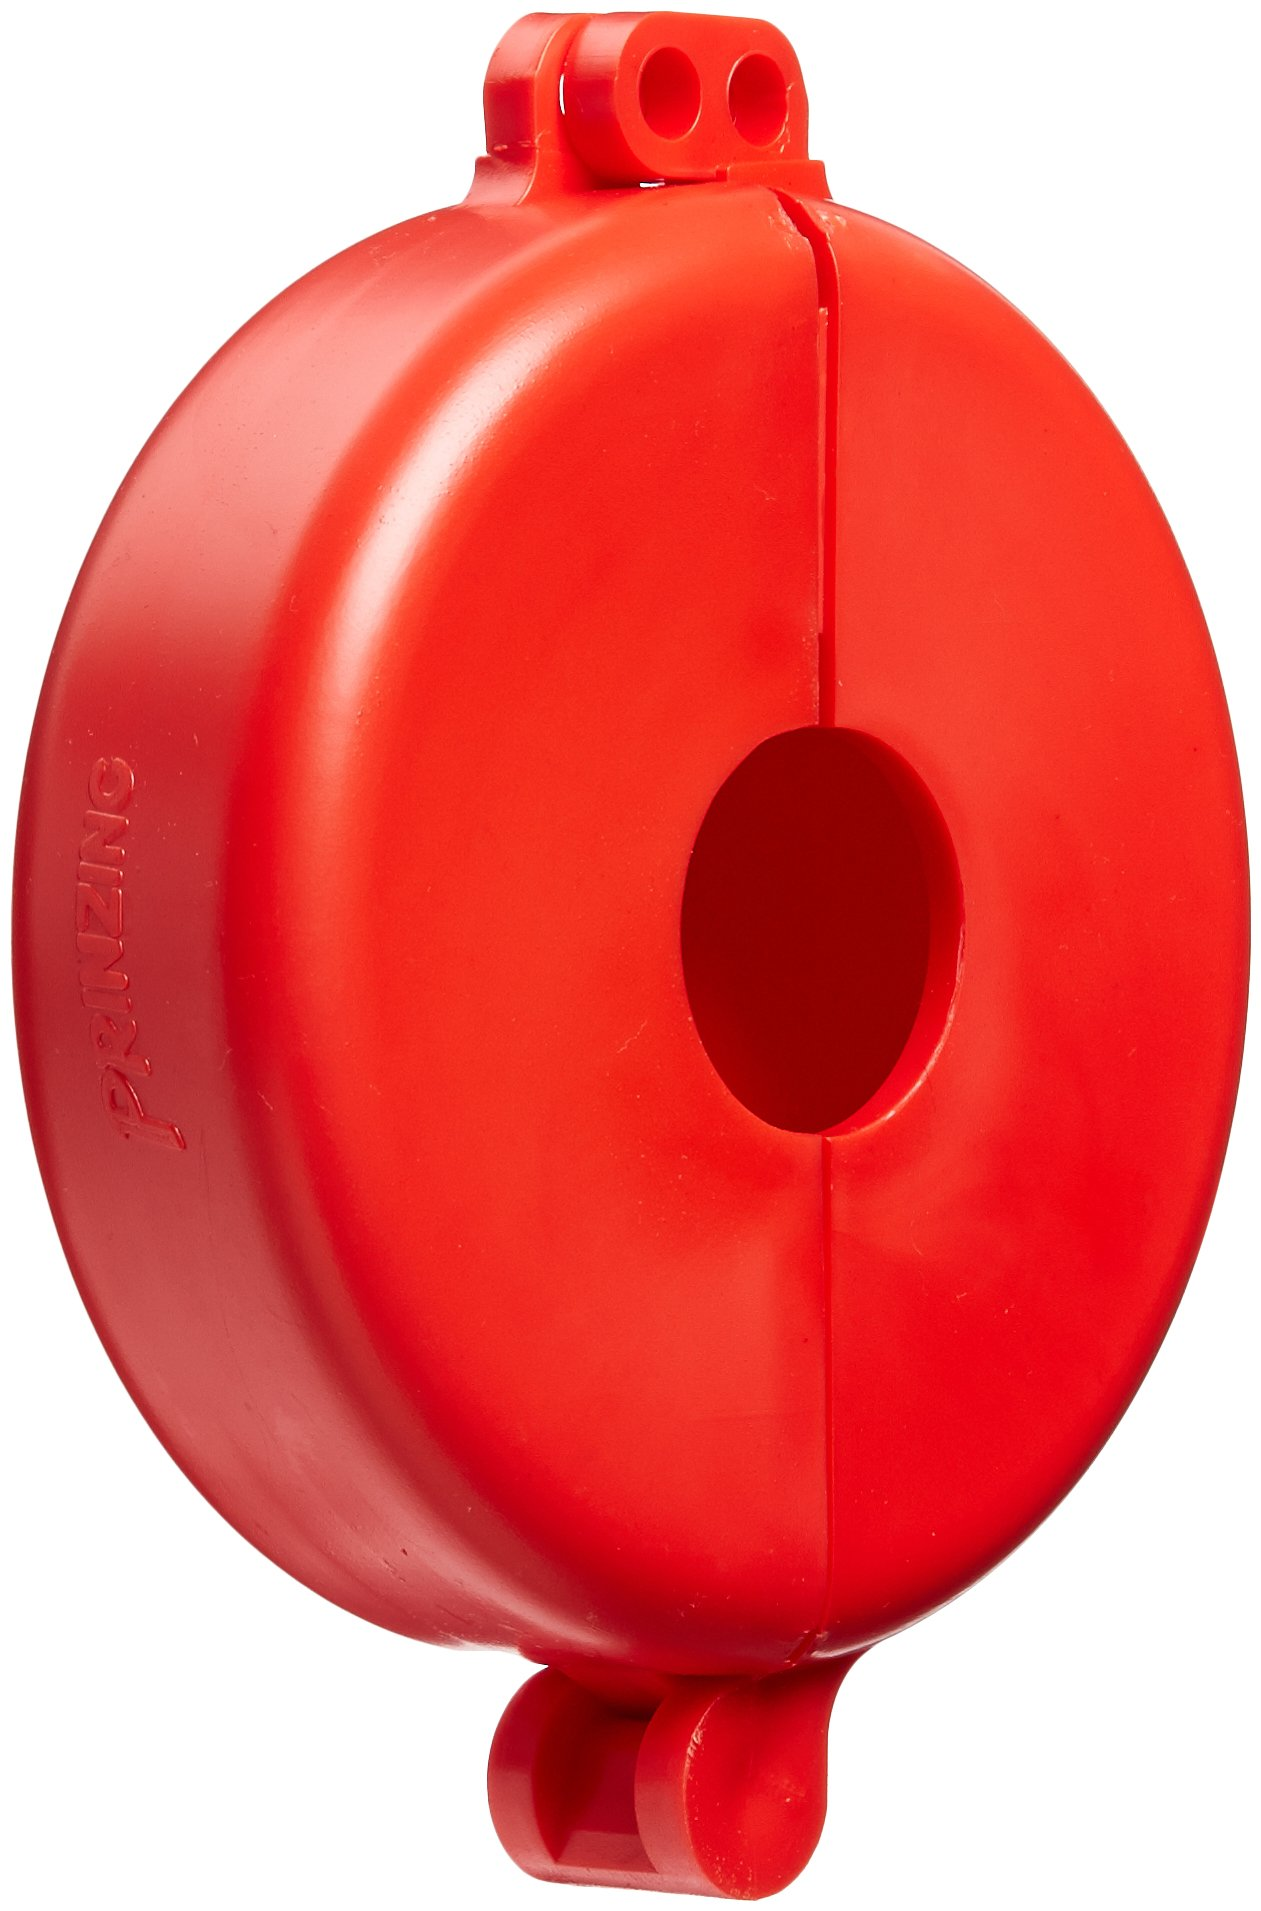 Brady SD04 Ball Valve Lockout, Fits Size 2-1/2 to 5''